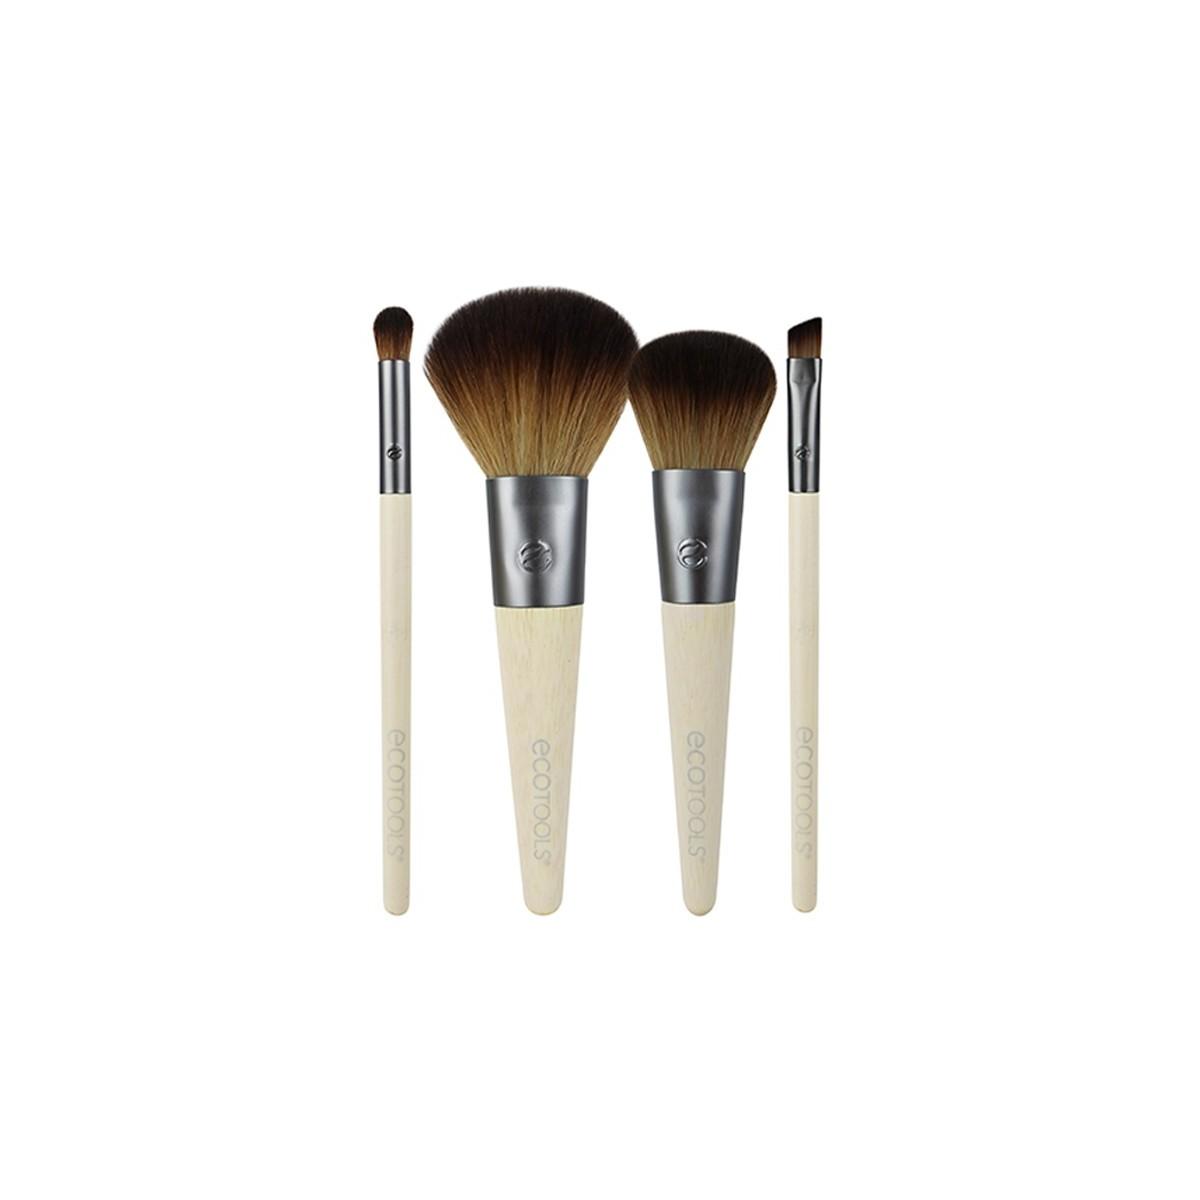 Set 4 Pinceaux + 1 Trousse Ecotools 1